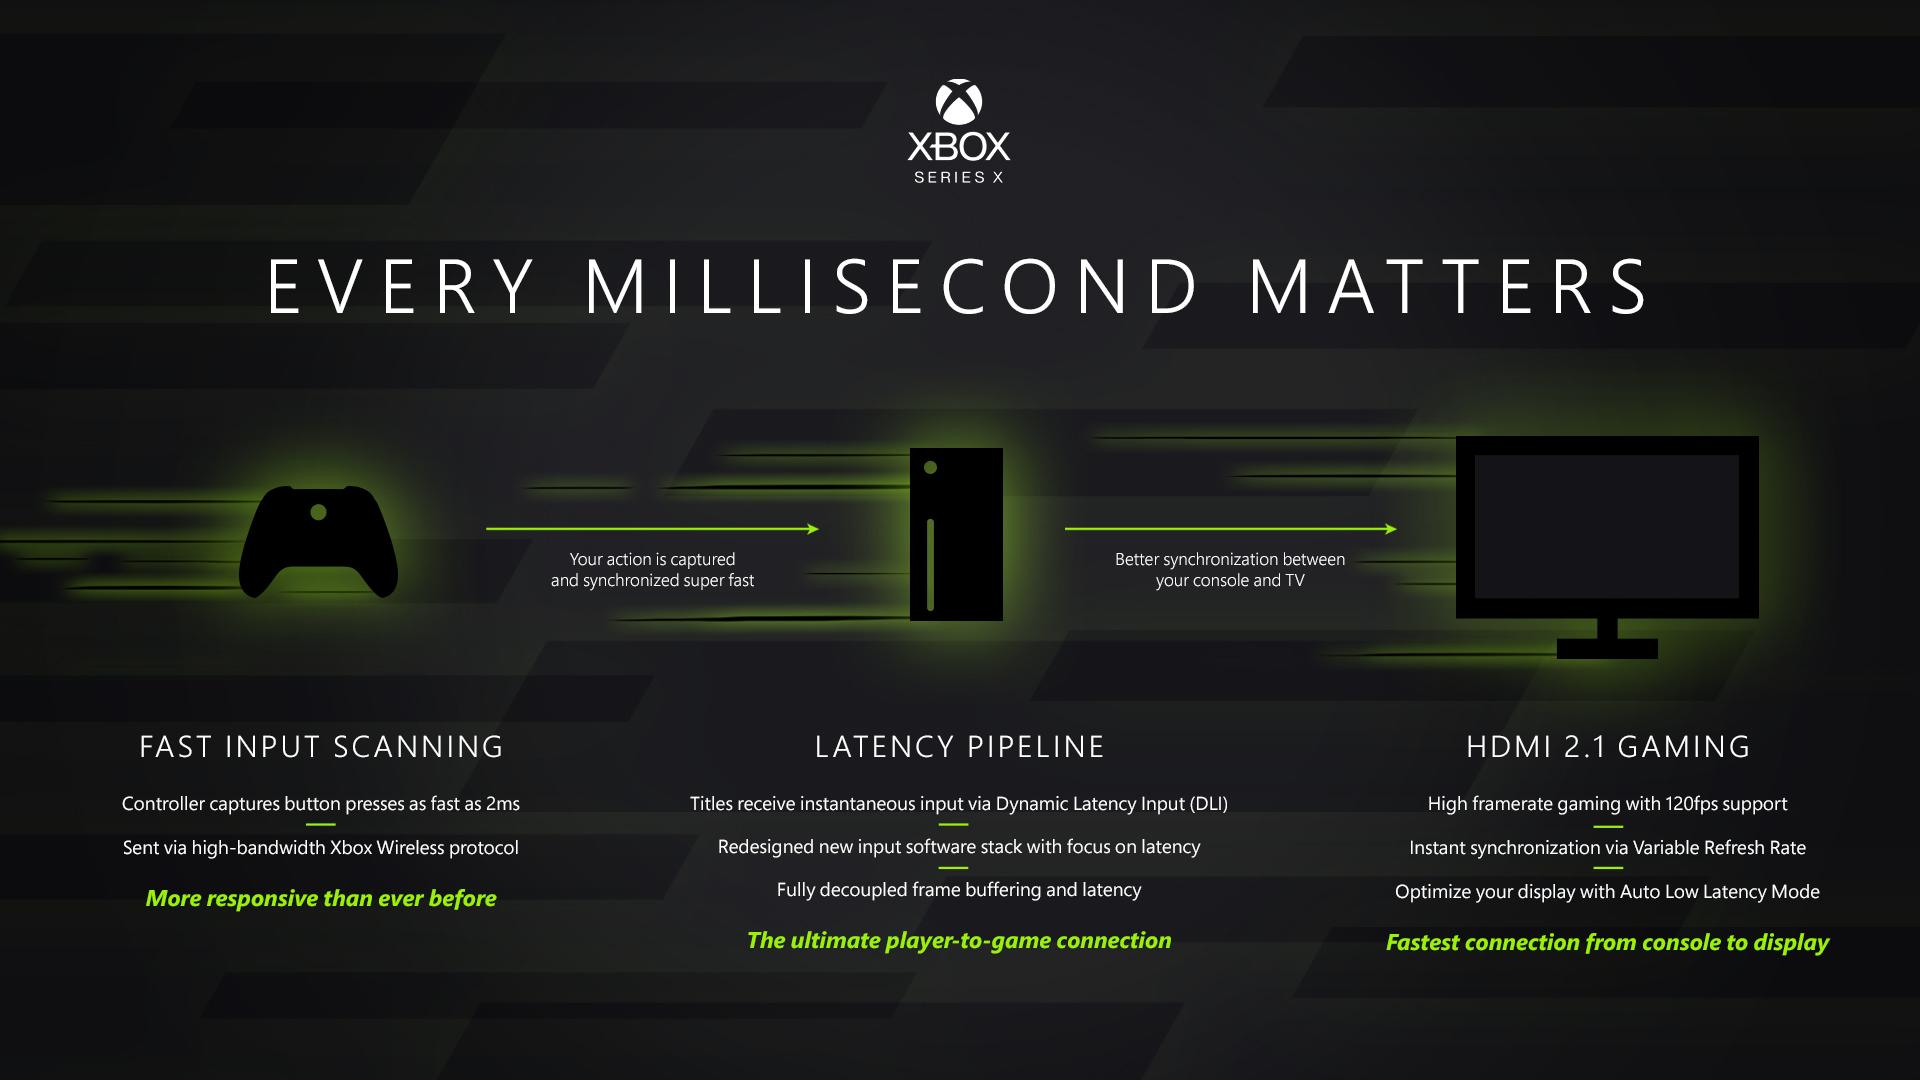 XboxSeriesXLatency HERO - Microsoft ha svelato l'hardware di Xbox Series X